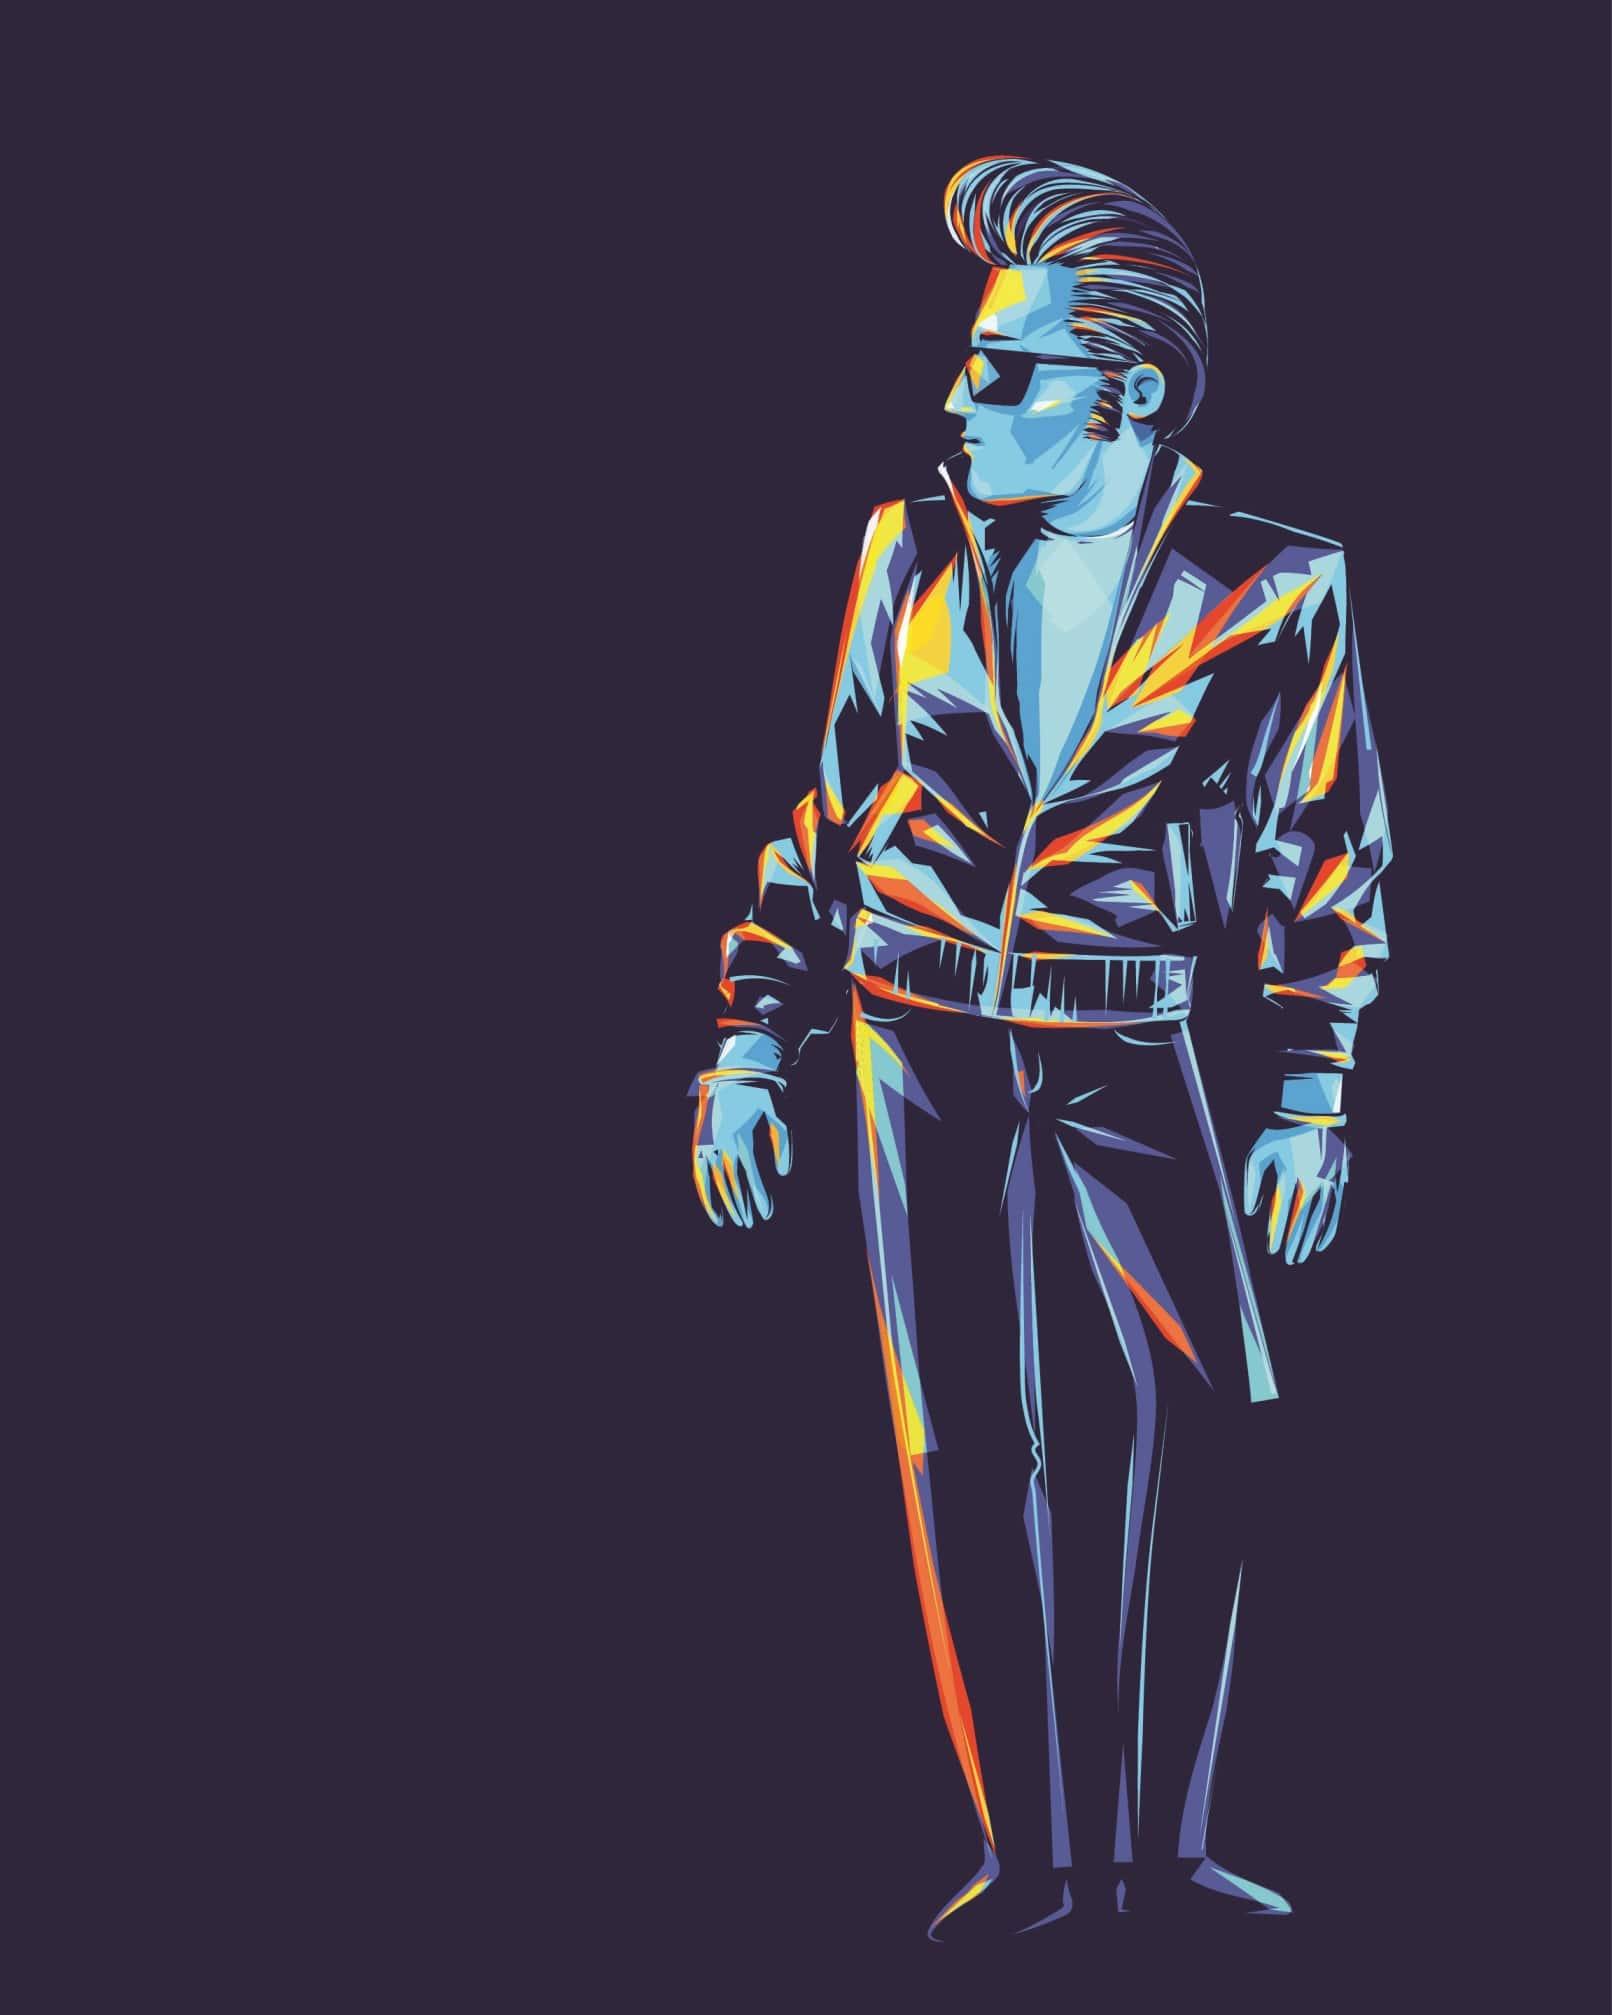 Illustration Mann im Rockabilly Stil mit Lederjacke, Sonnenbrille, Tolle und Steghose